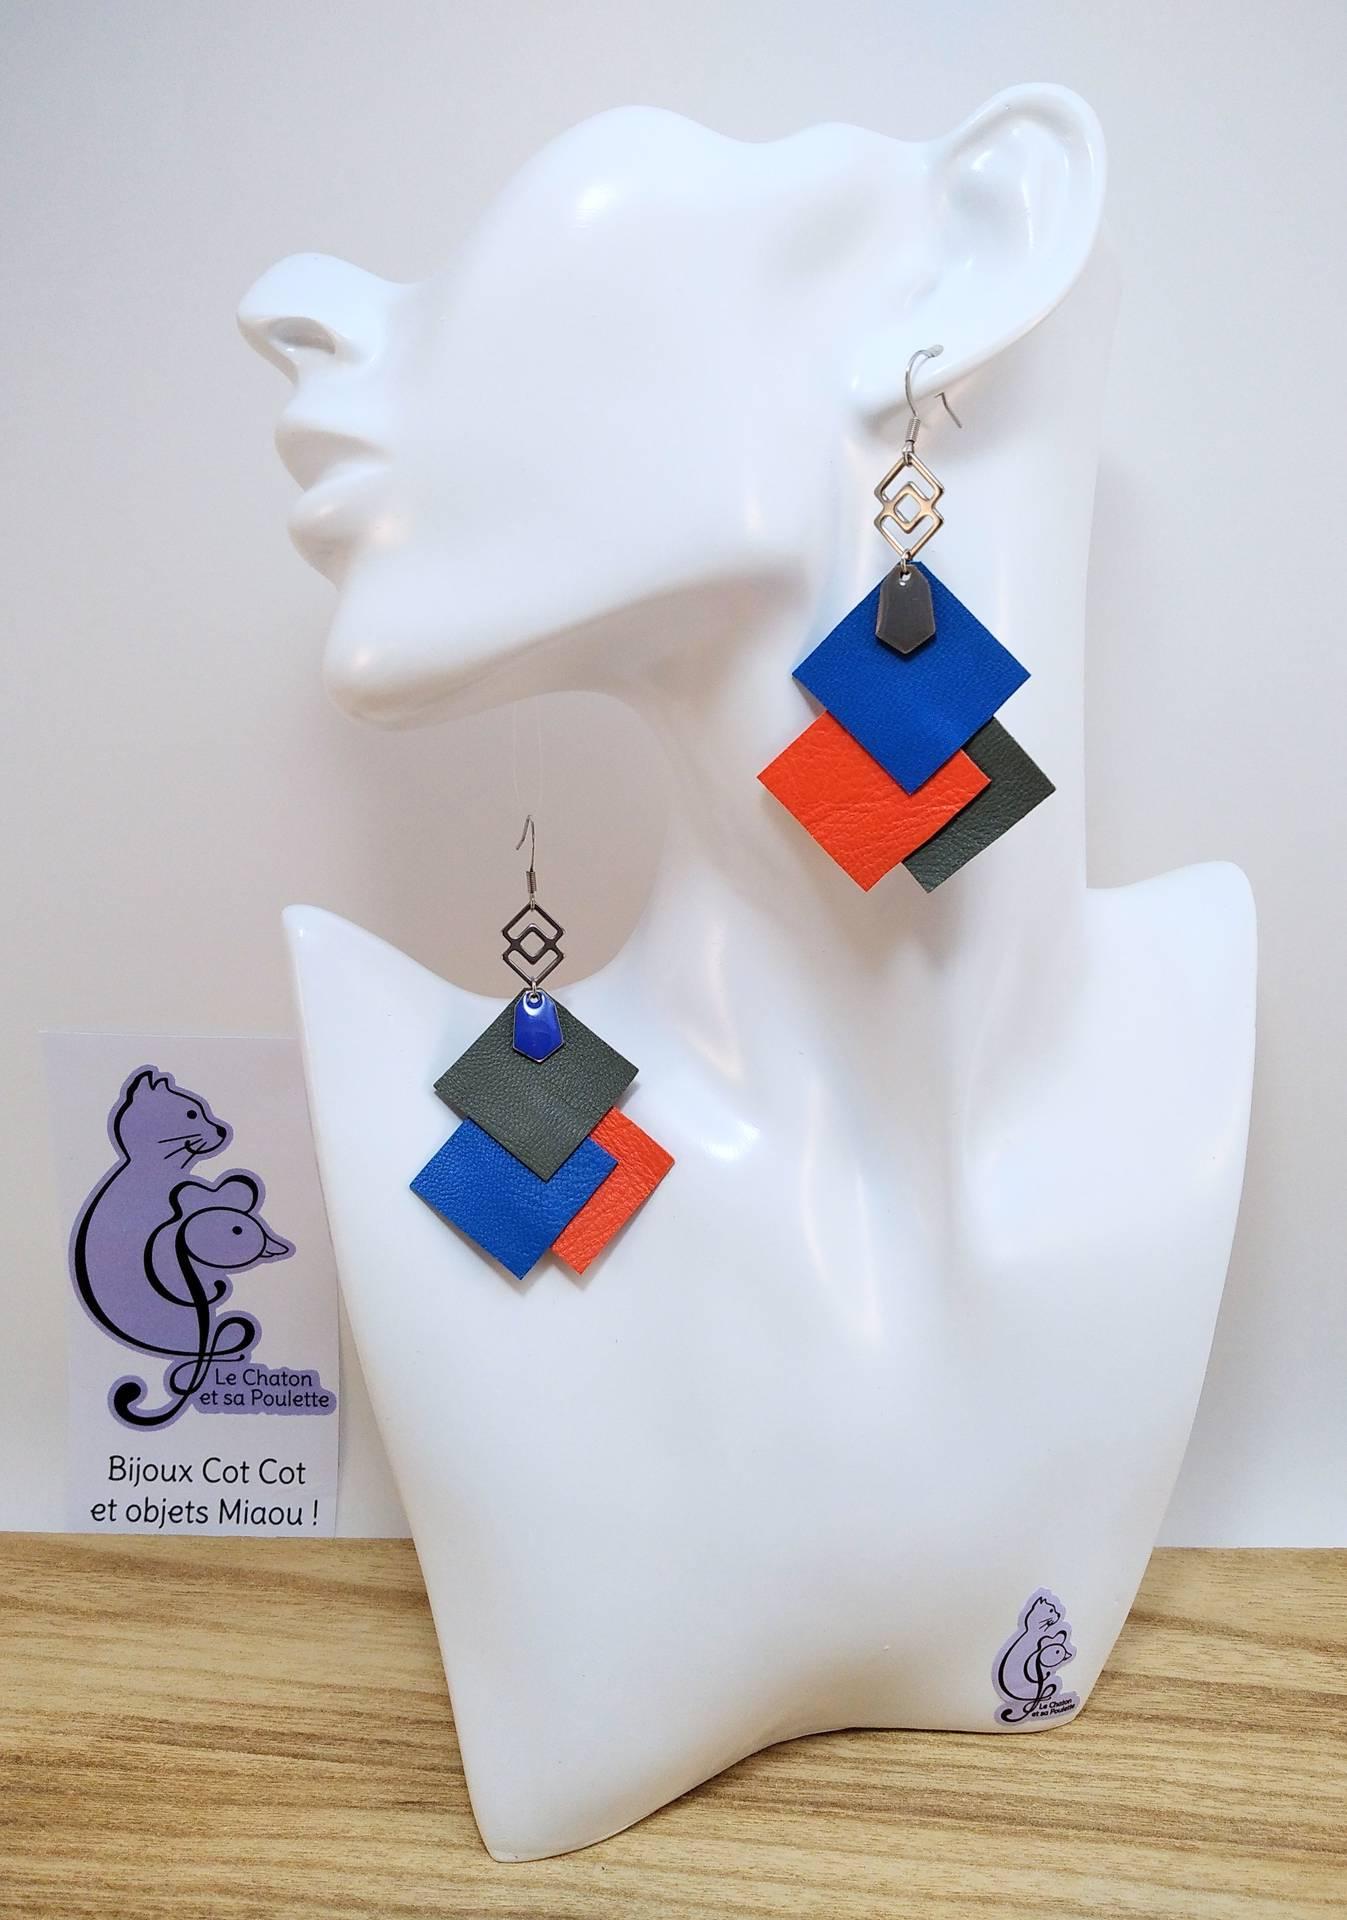 B.O. FORMIDABLE modèle 6 Cuirs bleu cobalt/orange/gris, breloque inox carrés entrelacés et diamant gris ou bleu cobalt